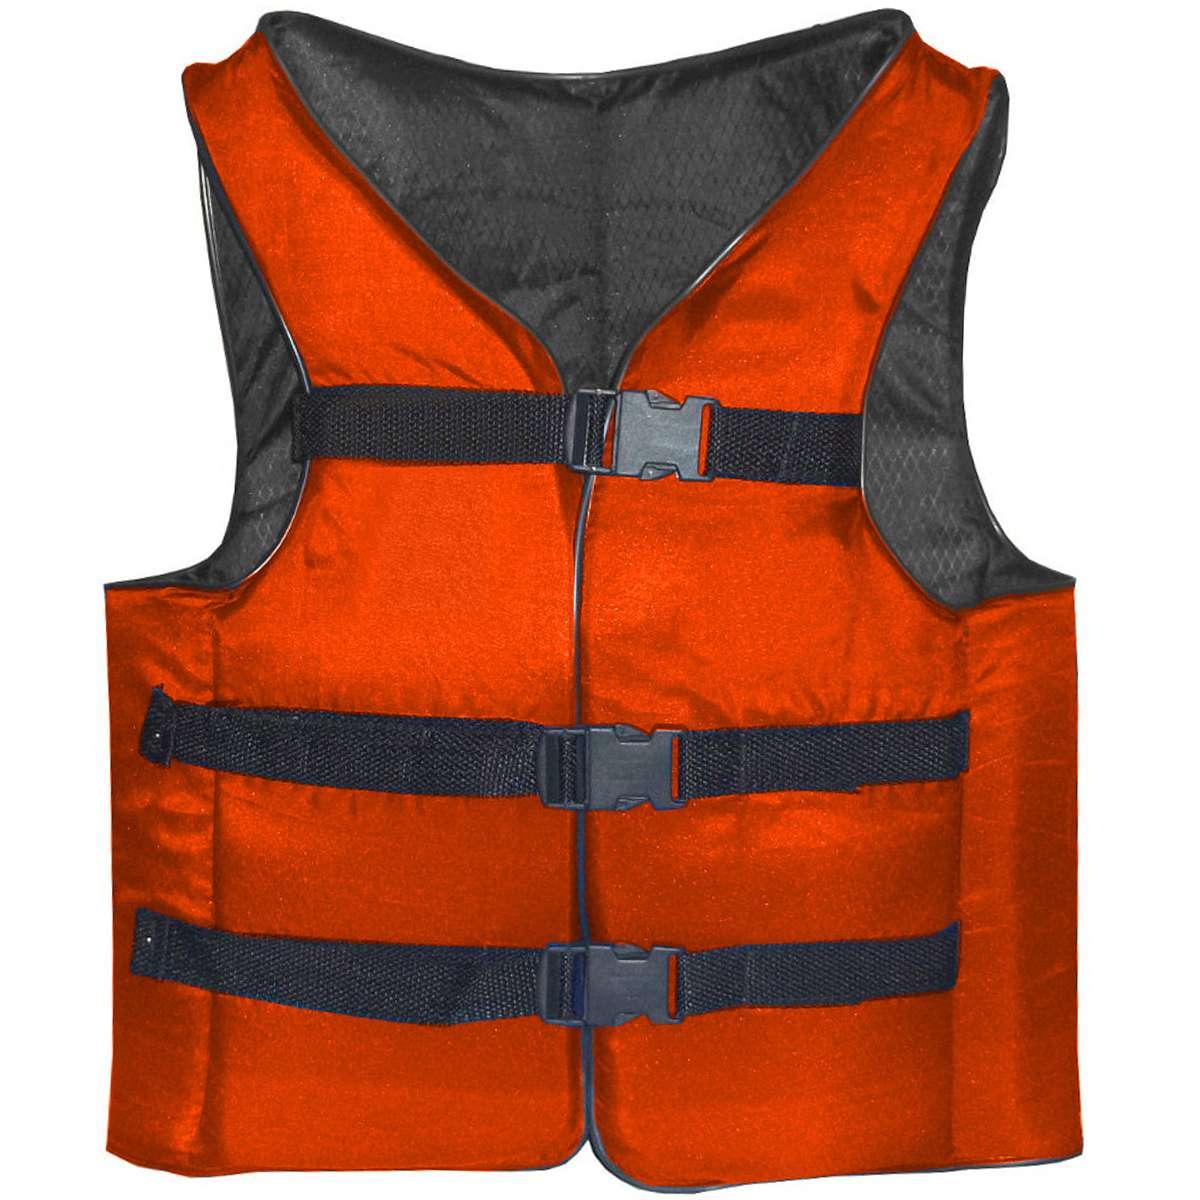 80227f4f1 Colete Salva Vidas Auxiliar Flutuação Laranja Presilha 100kg